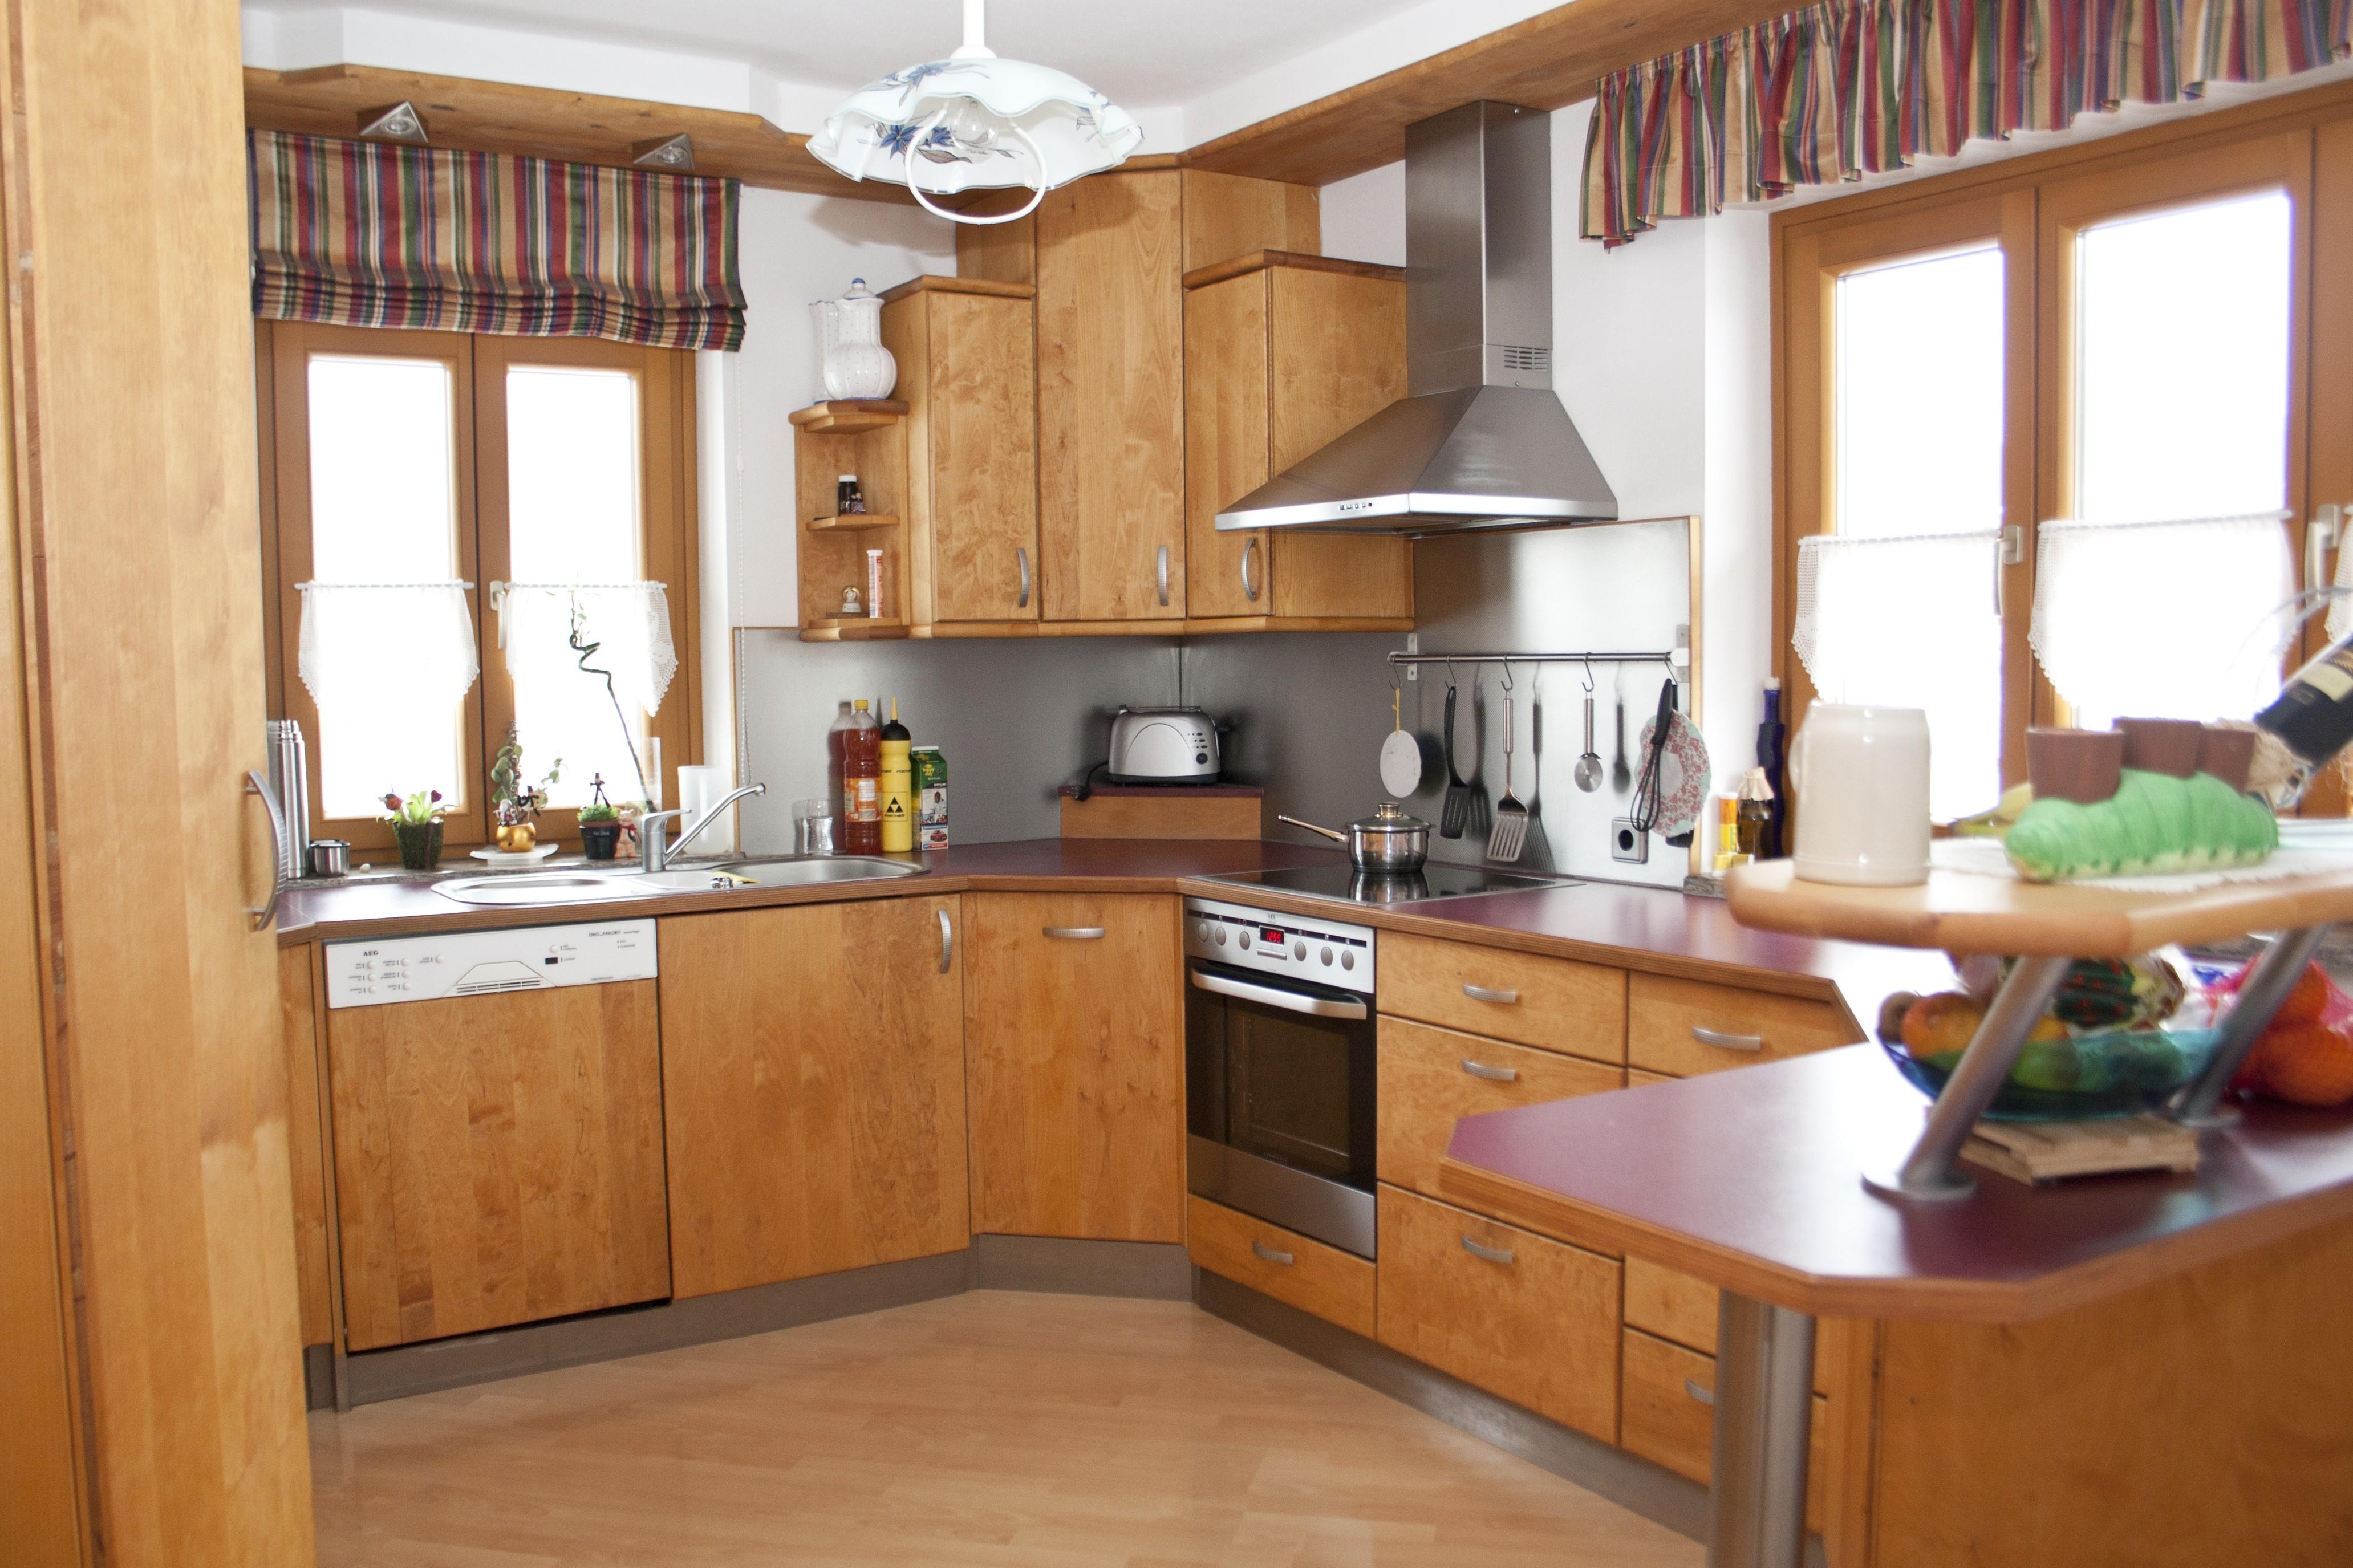 Kuche in birke tischler friedrich vogl for Küche birke